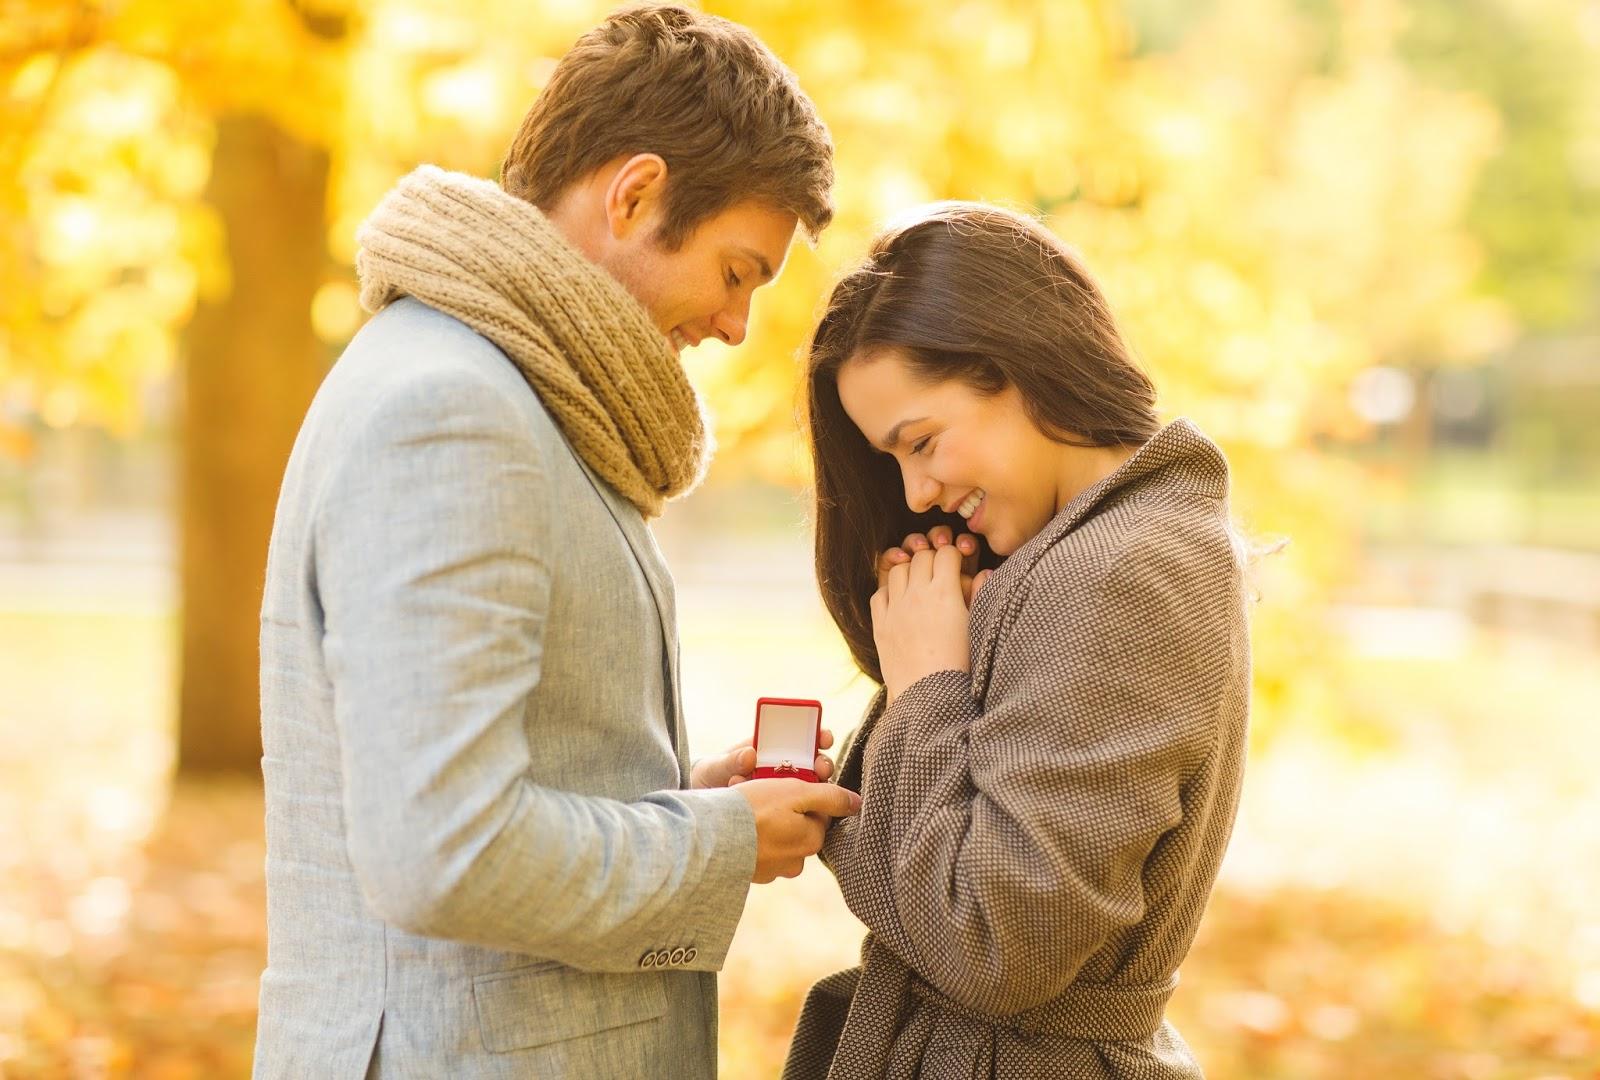 بالصور صور رومنسيه نار , اروع صور الحب الرومانسية 3585 8